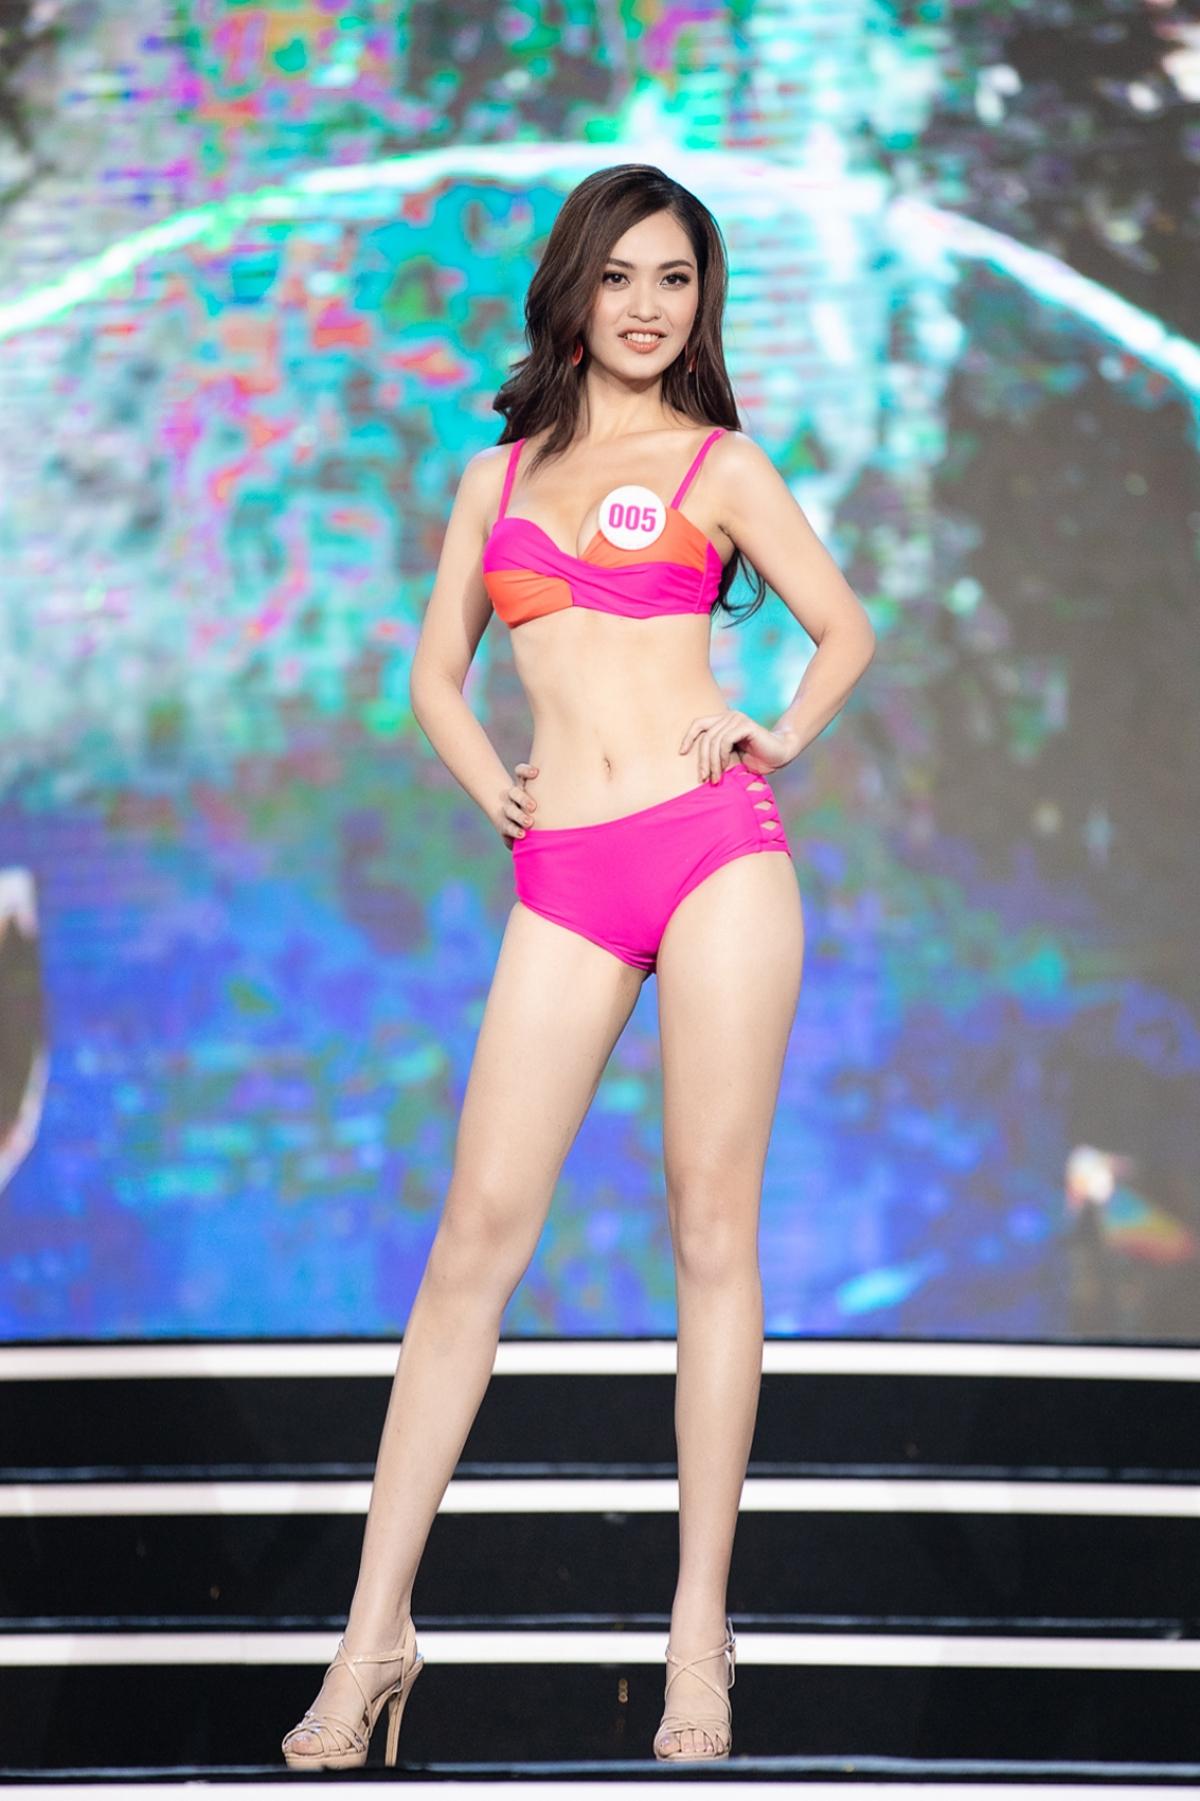 Dàn thí sinh Hoa hậu Việt Nam 2020 được đánh giá là hình thể đồng đều.